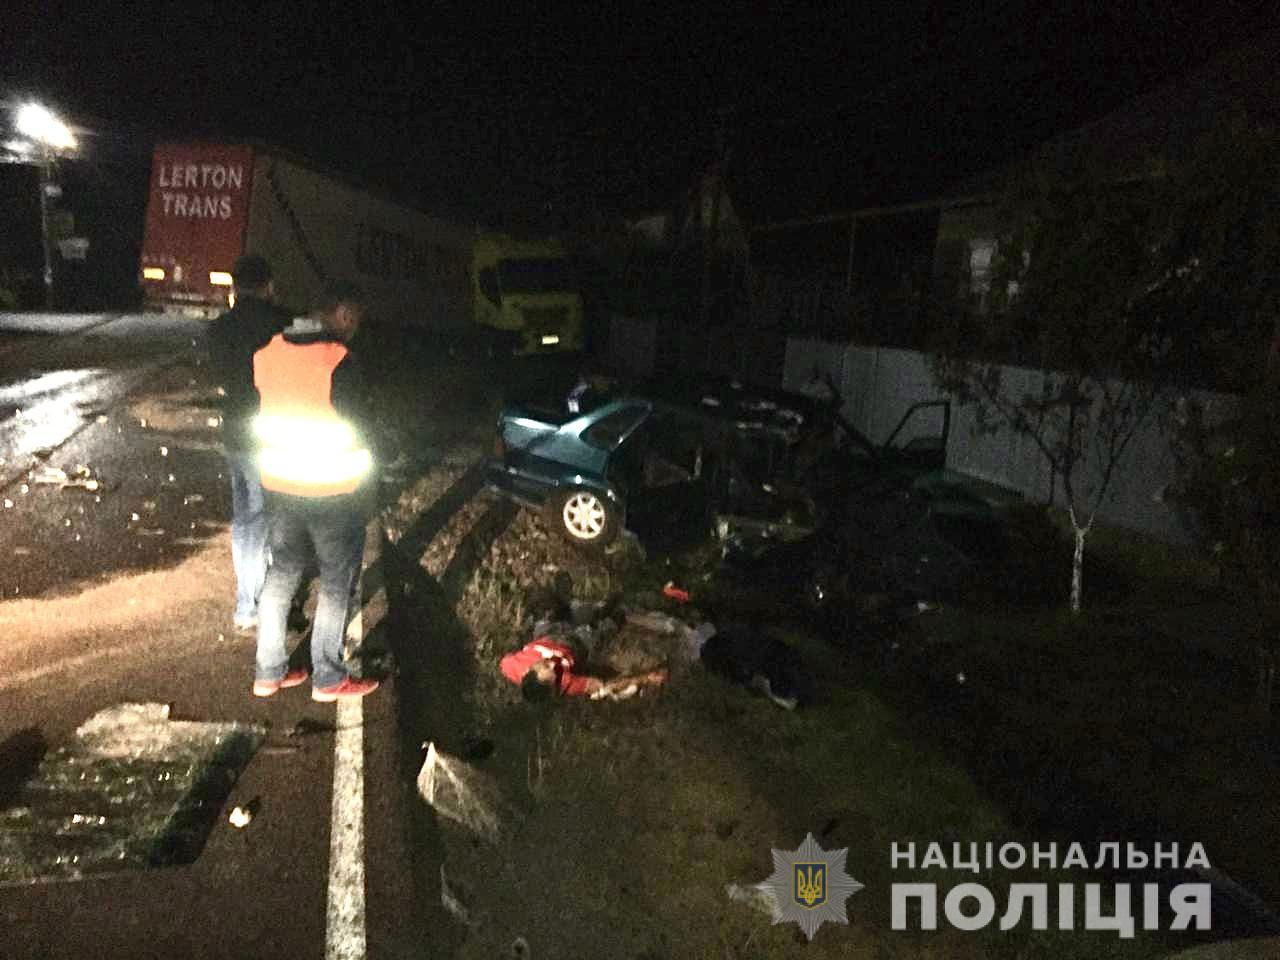 У селі Страбичово Мукачівського району зіткнулися автомобіль «ВАЗ 2115» та вантажний автомобіль «IVECO». Внаслідок автомобільної аварії, пасажир легковика помер.